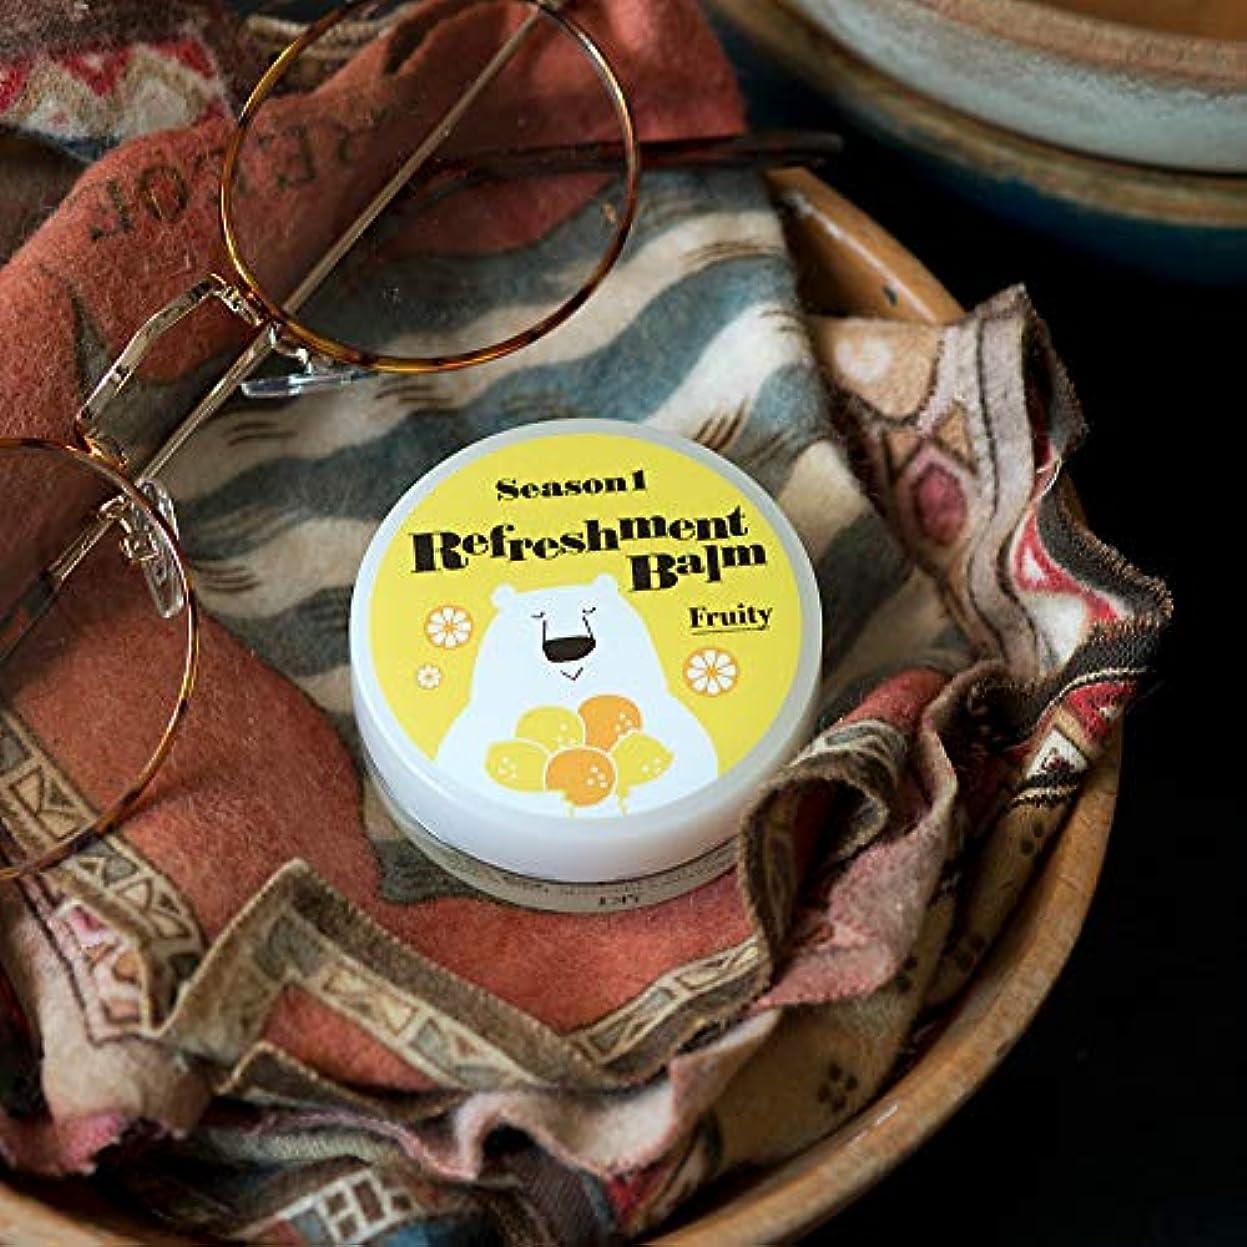 視聴者削るバングラデシュ(美健)BIKEN カサカサ鼻にひと塗り リフレッシュメントバーム フルーティ エッセンシャルオイル(精油)のみで香り付け